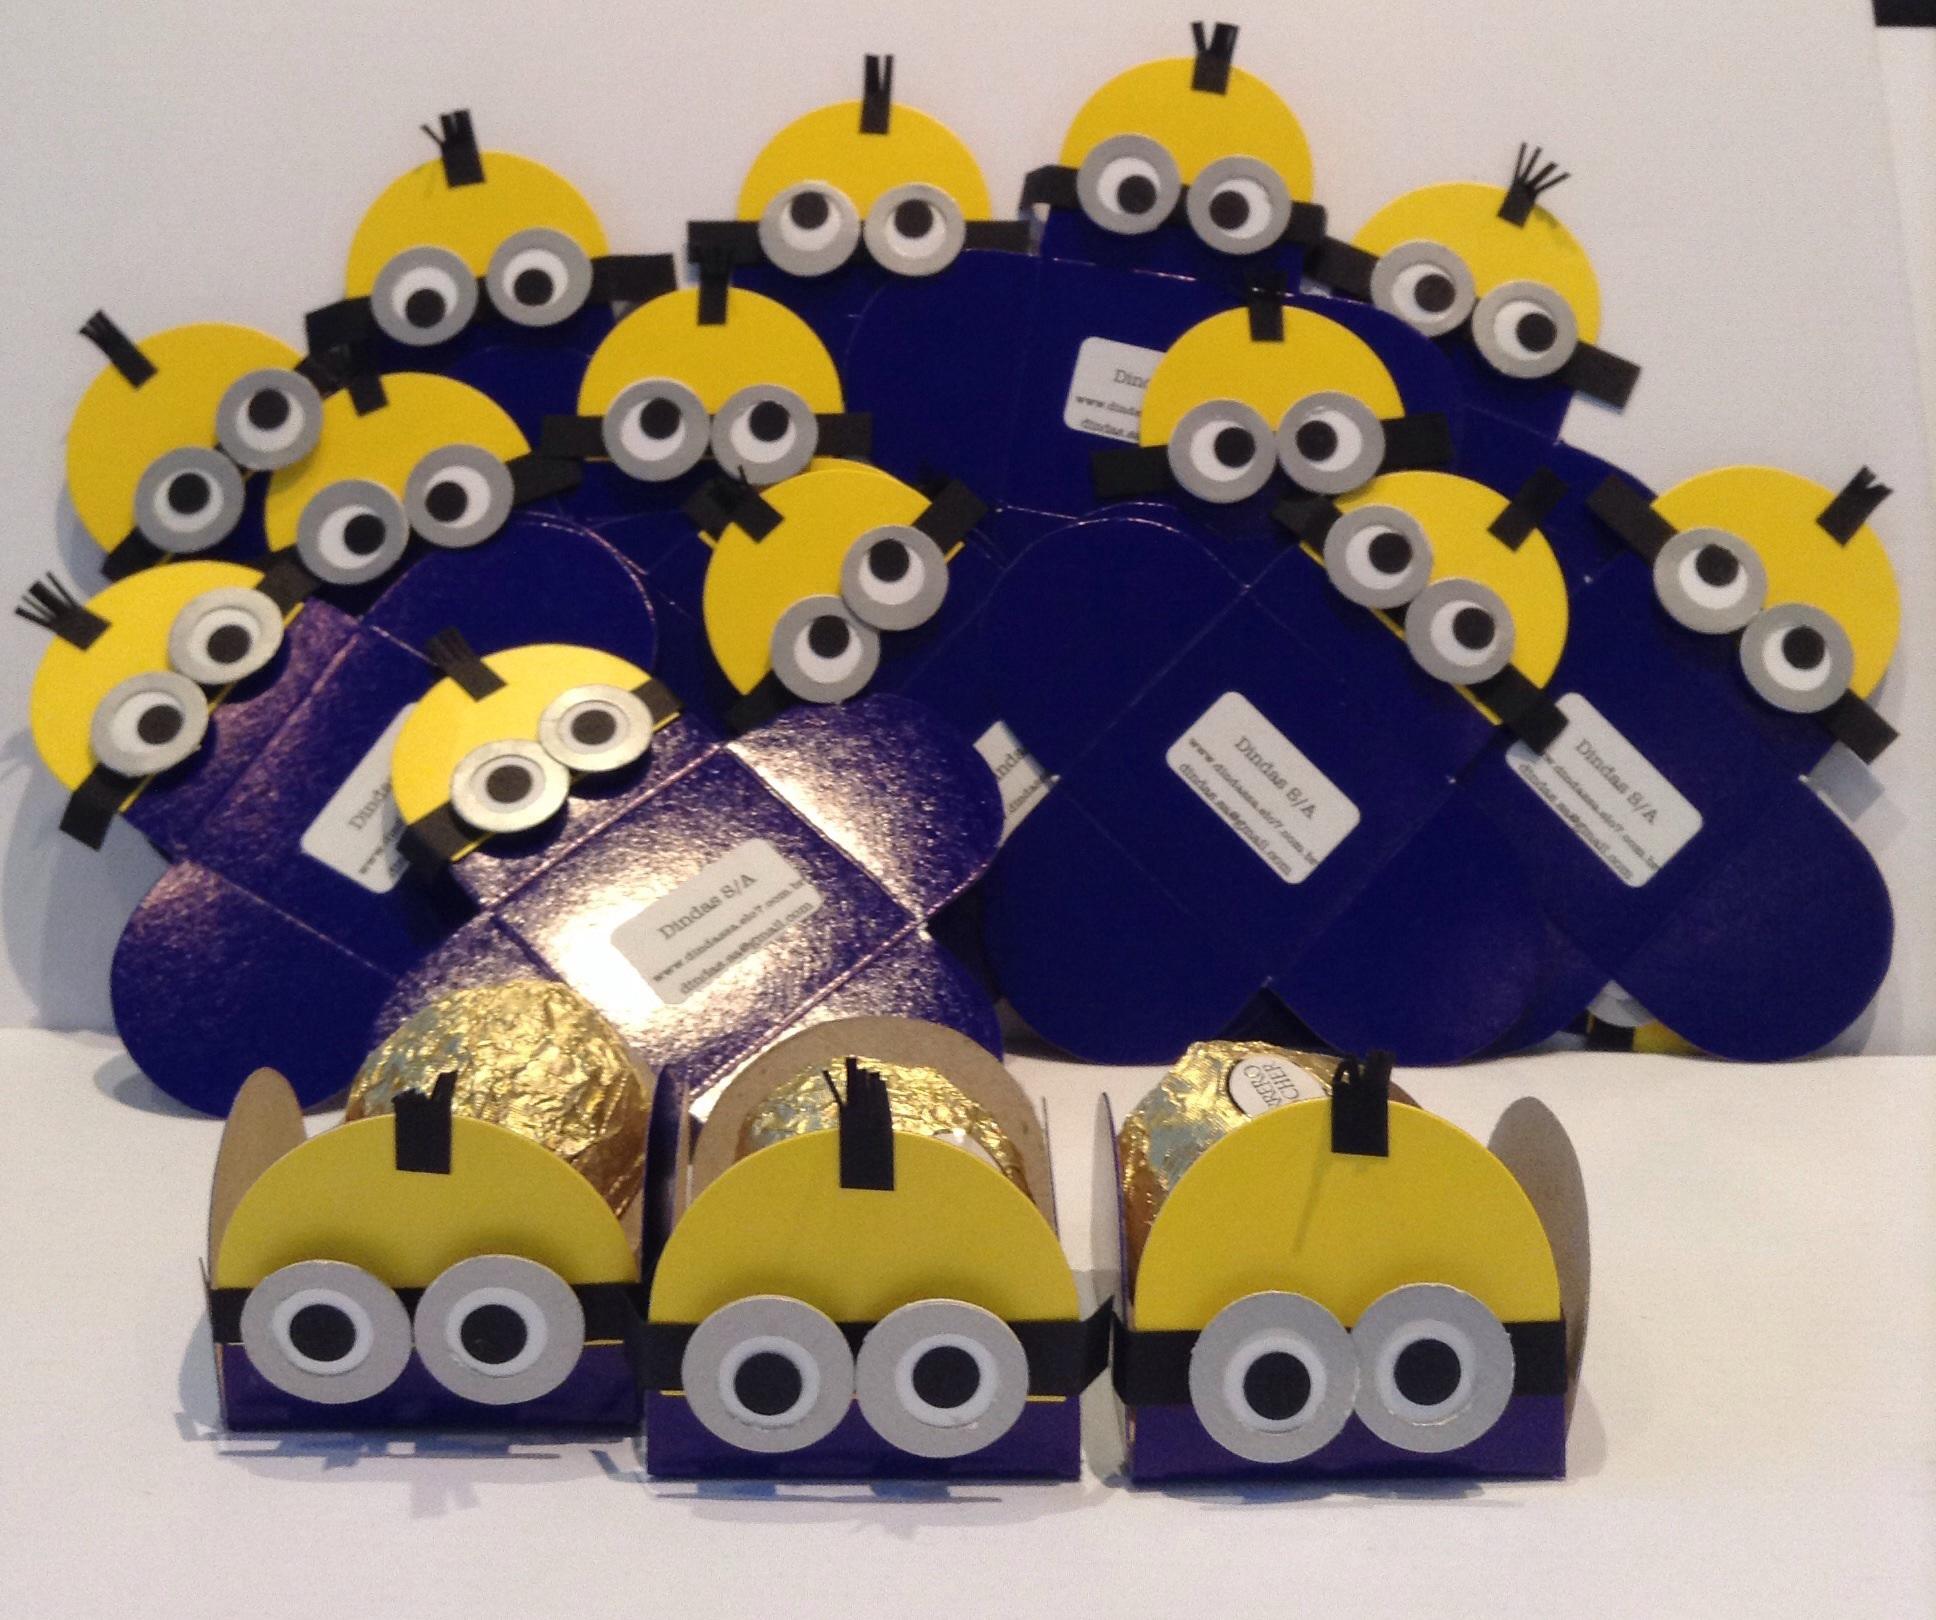 decoracao festa minions : decoracao festa minions:Forminha Festa dos minions